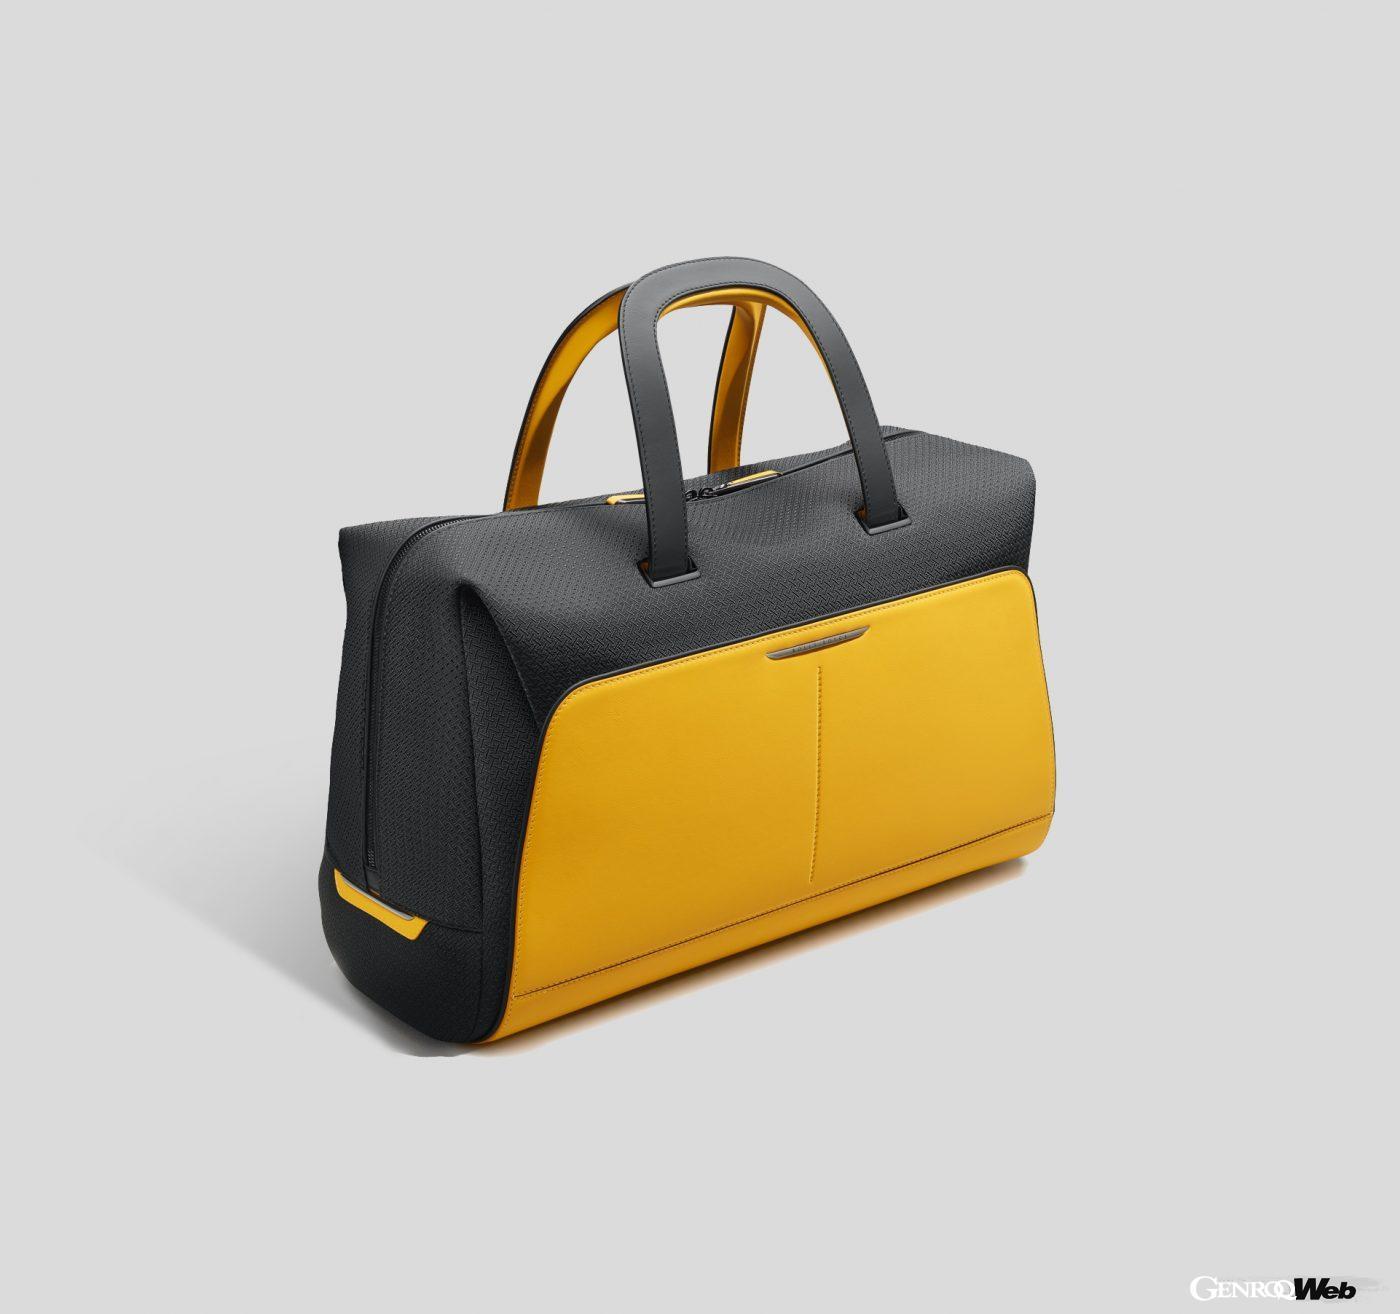 「ロールス・ロイスを「持ち歩く」! 新作バッグコレクションに見るラグジュアリーの新しい姿」の4枚目の画像